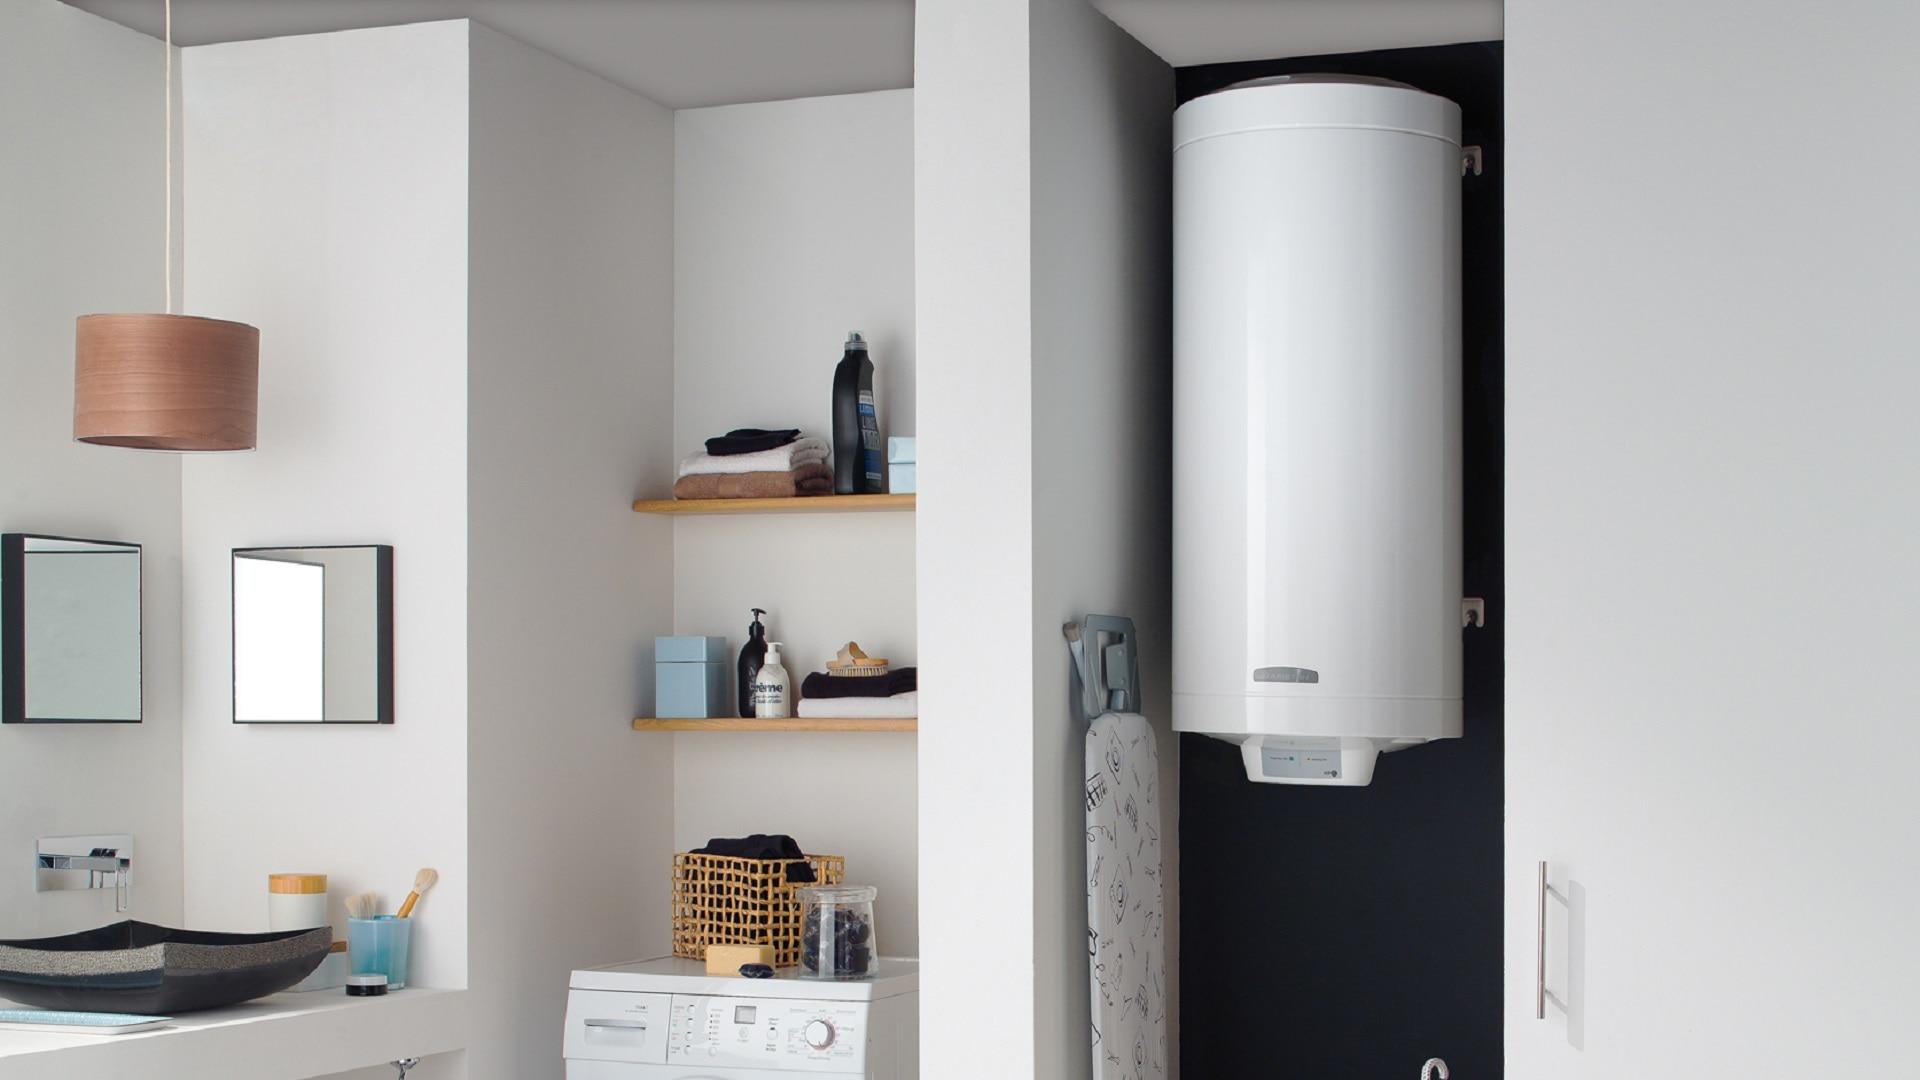 Installation de chauffe-eau électrique 300 Litres